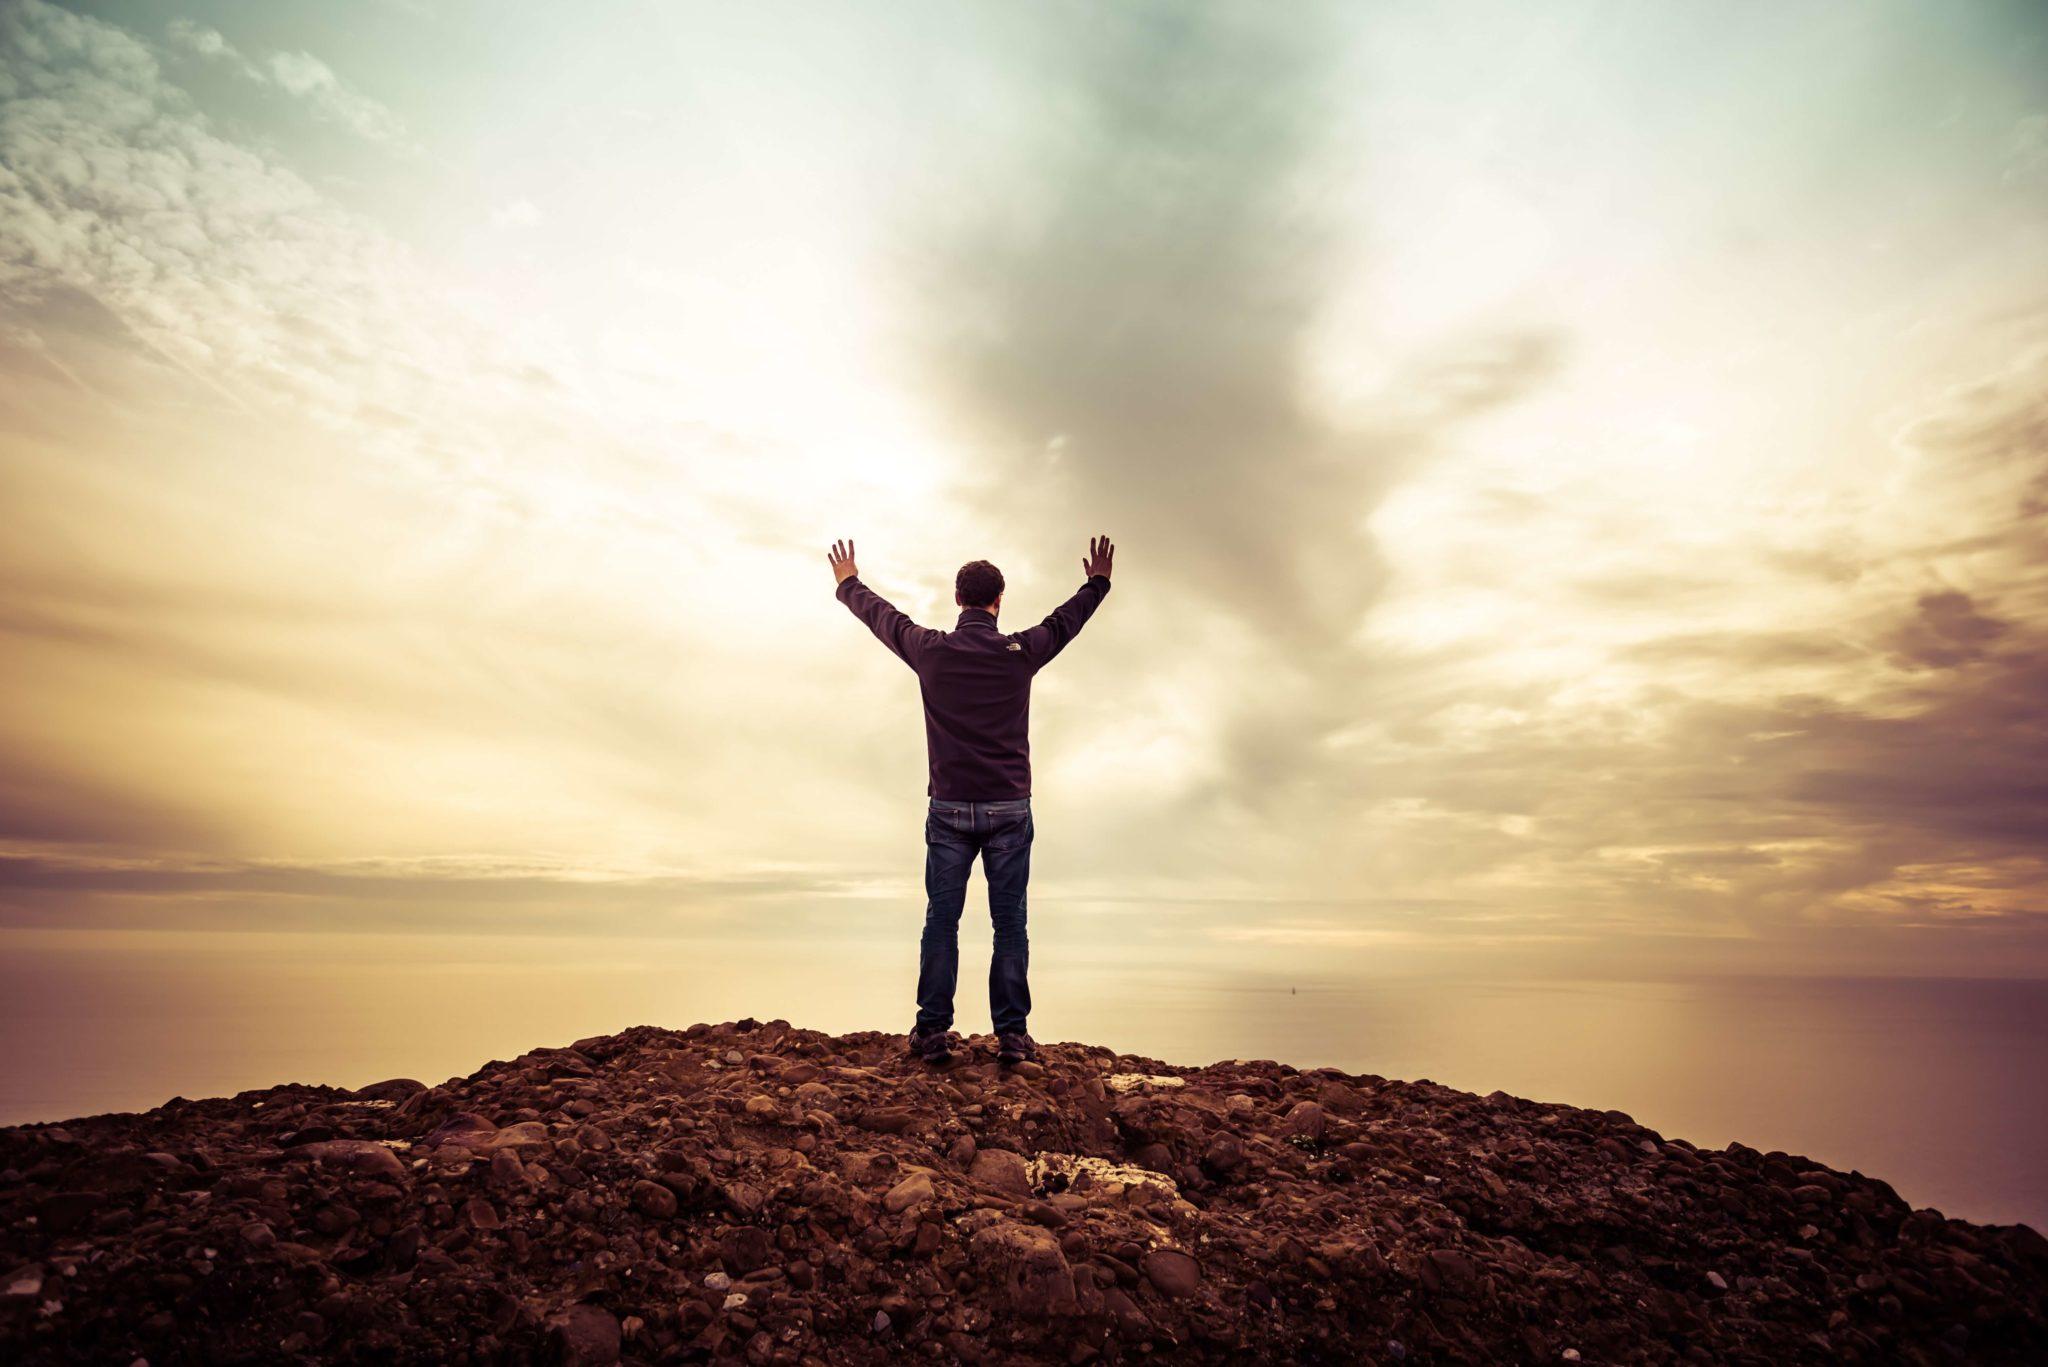 problemy, porażki, element naszego życia